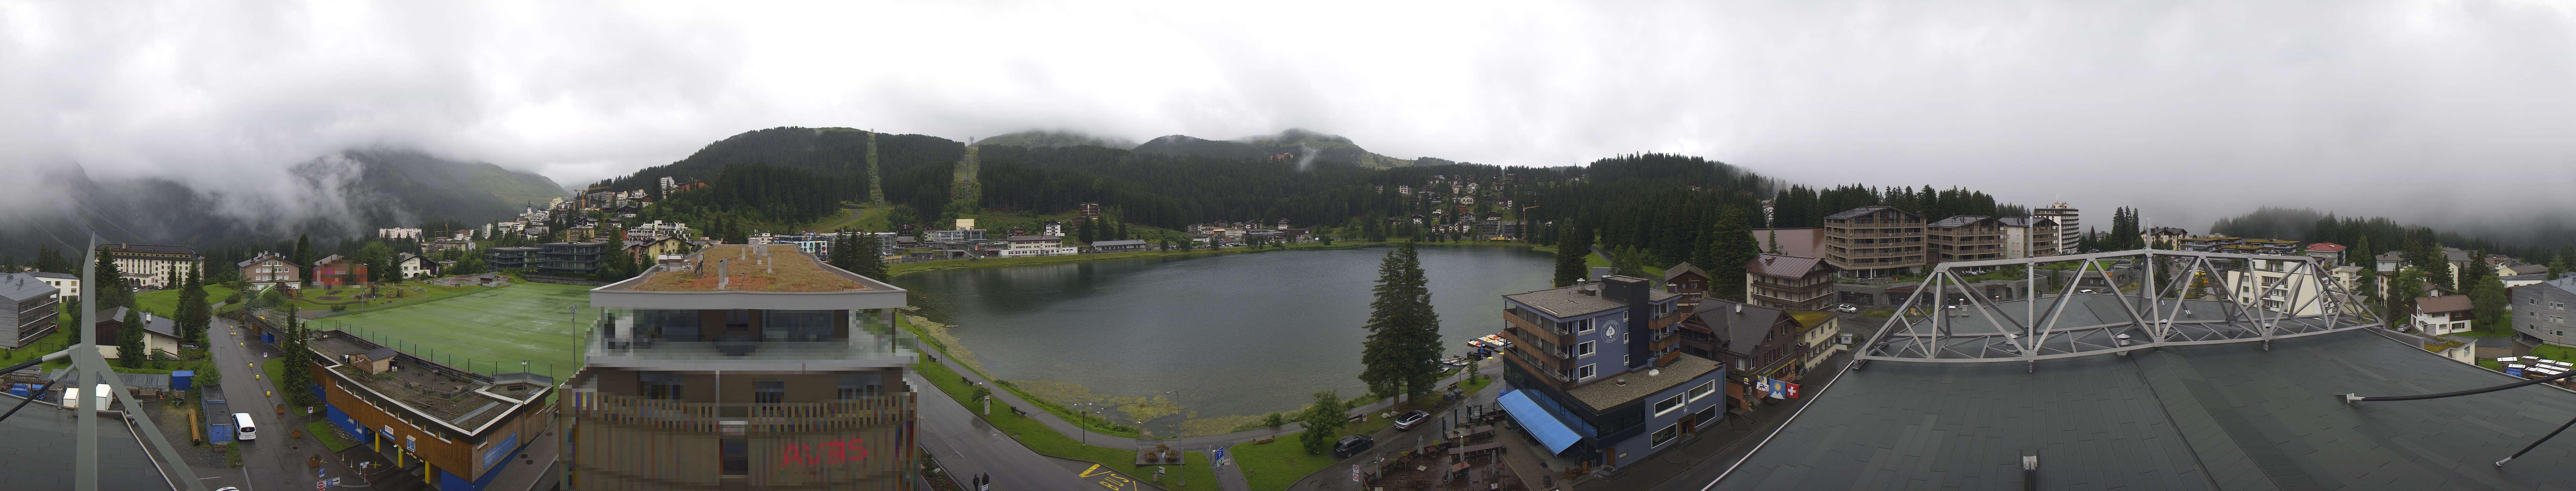 Webcam Arosa Dorf